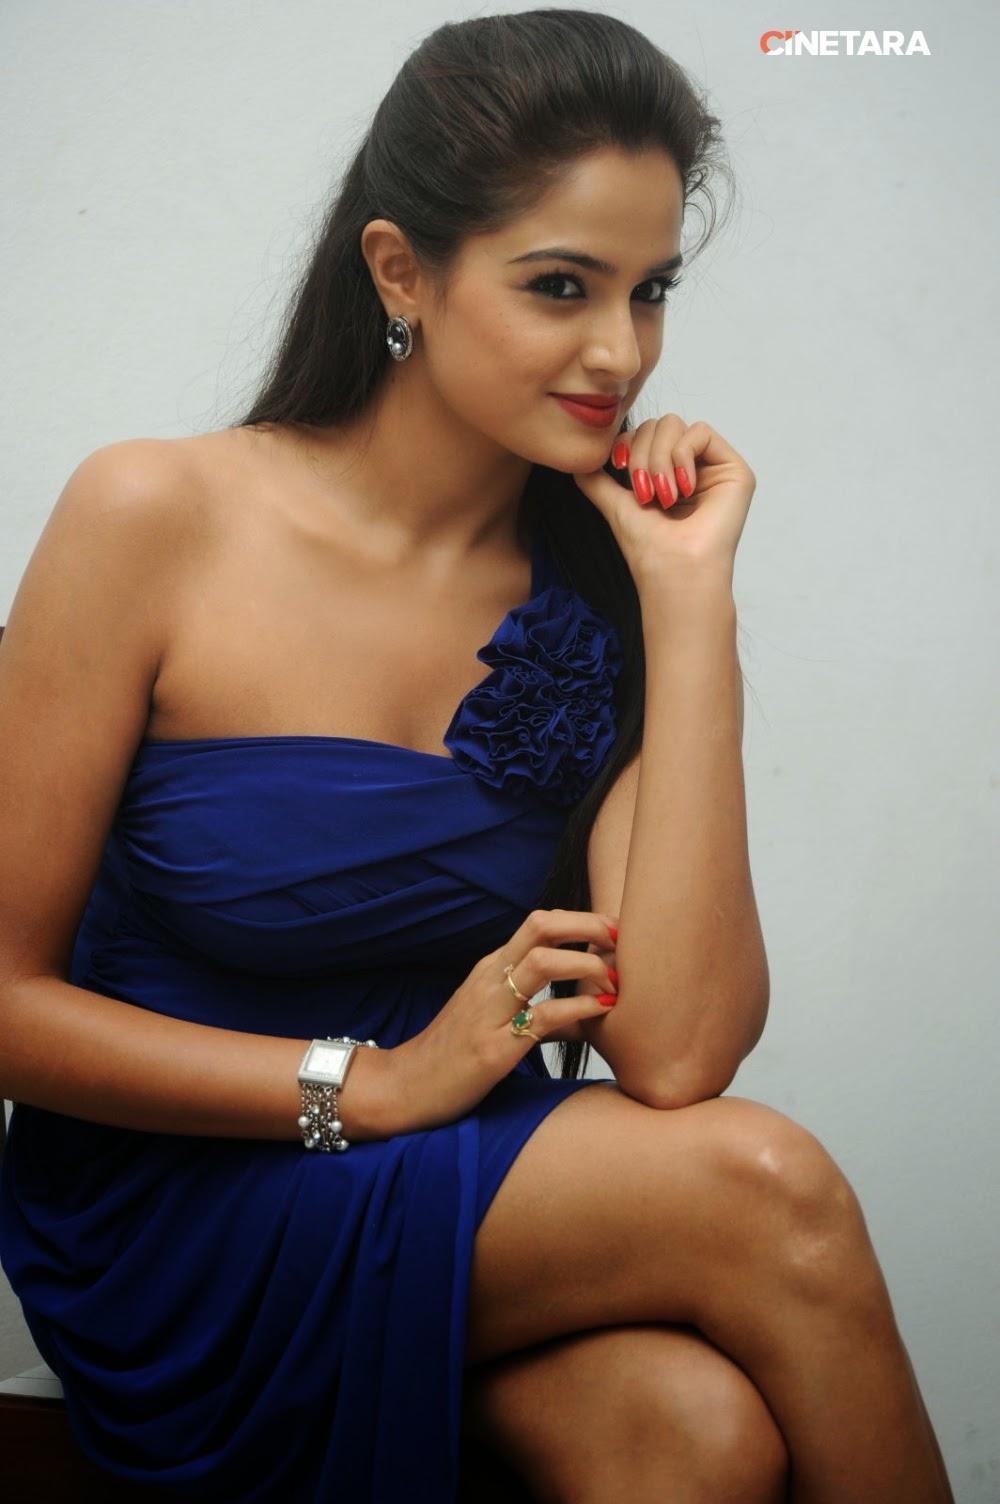 Asmita Sood Latest Hot Photos - HD Latest Tamil Actress, Telugu Actress, Movies, Actor Images